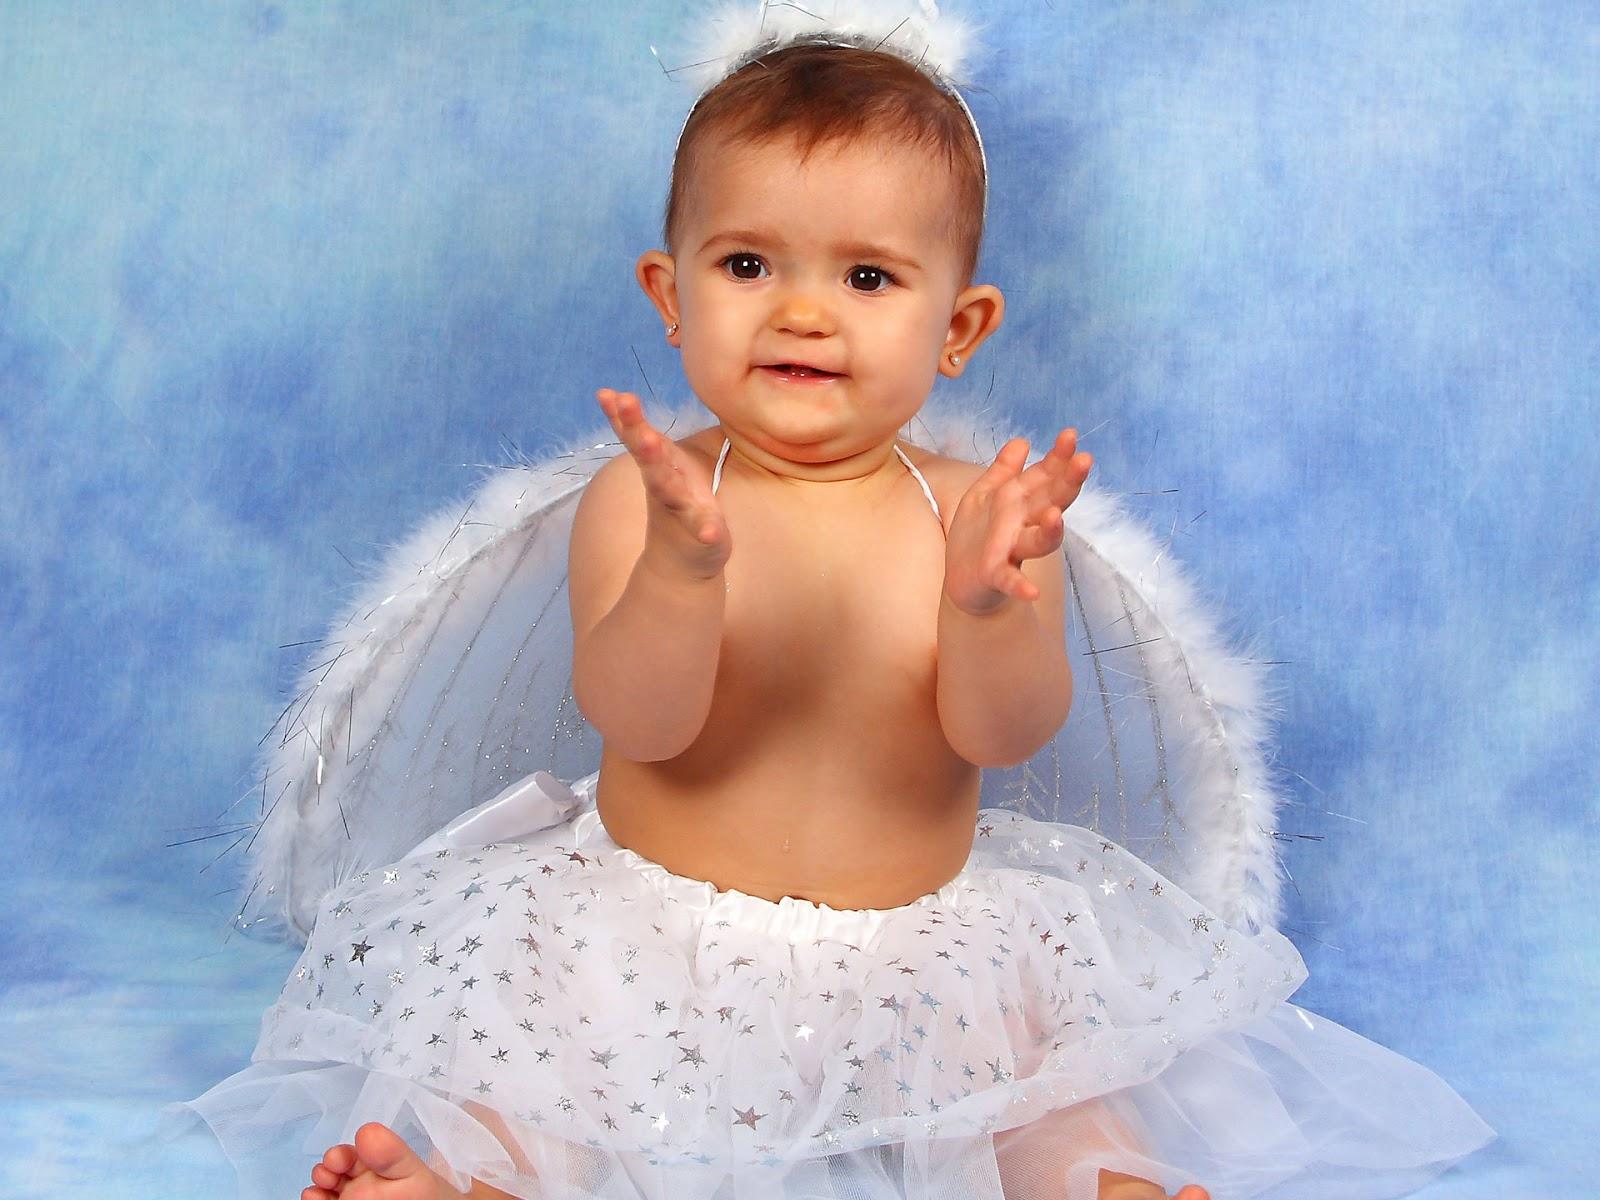 http://4.bp.blogspot.com/-lfMPchR0KTk/URmGhejQTWI/AAAAAAAA51A/XOBY8GXXquU/s1600/cute_angel_baby_wow-normal.jpg